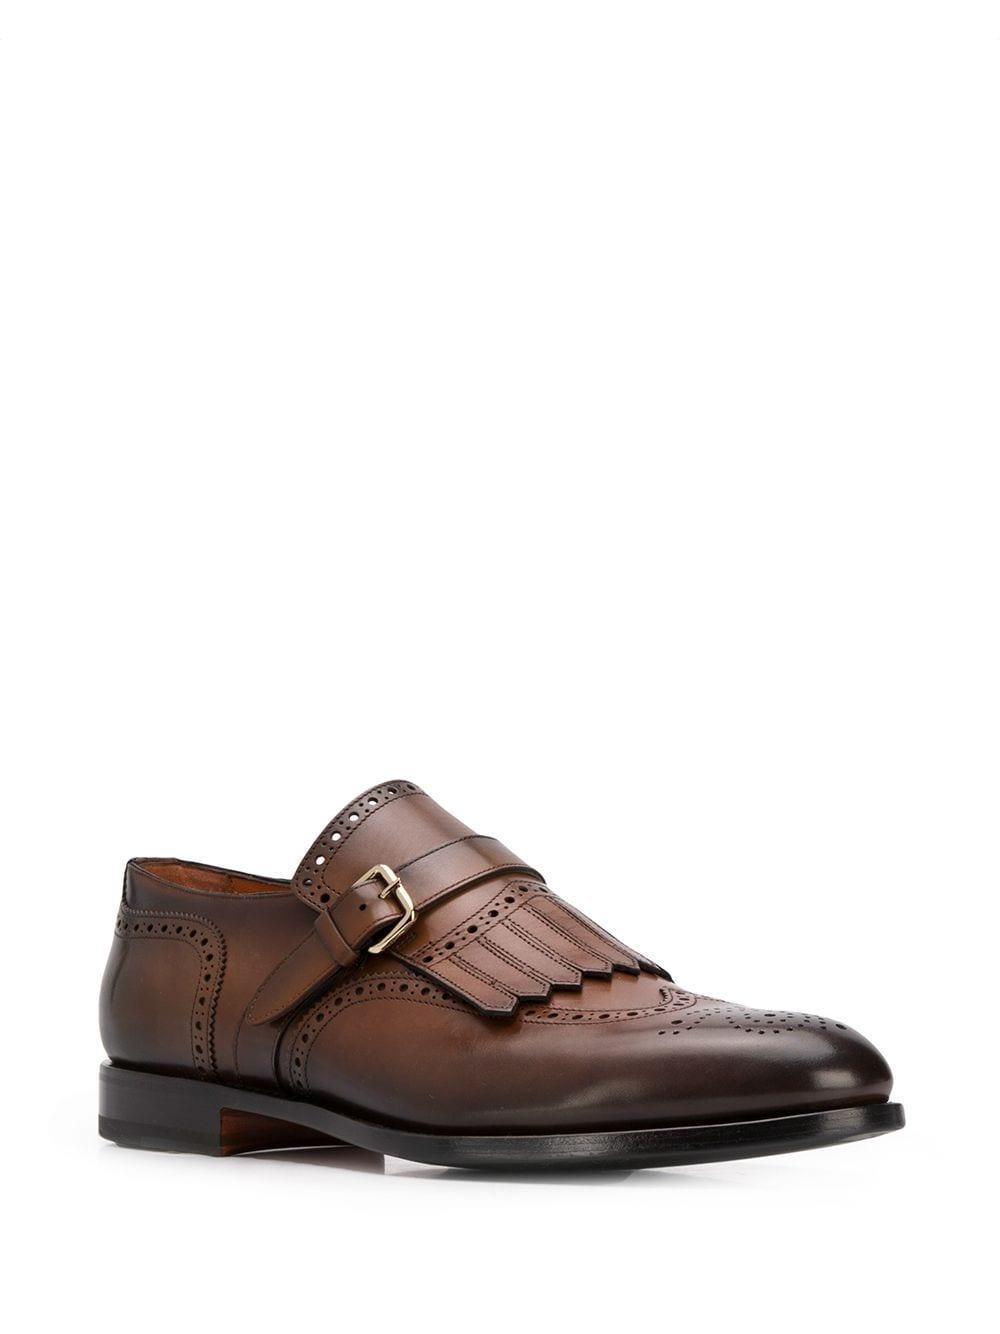 Chaussures perforées à boucle Cuir Santoni pour homme en coloris Marron